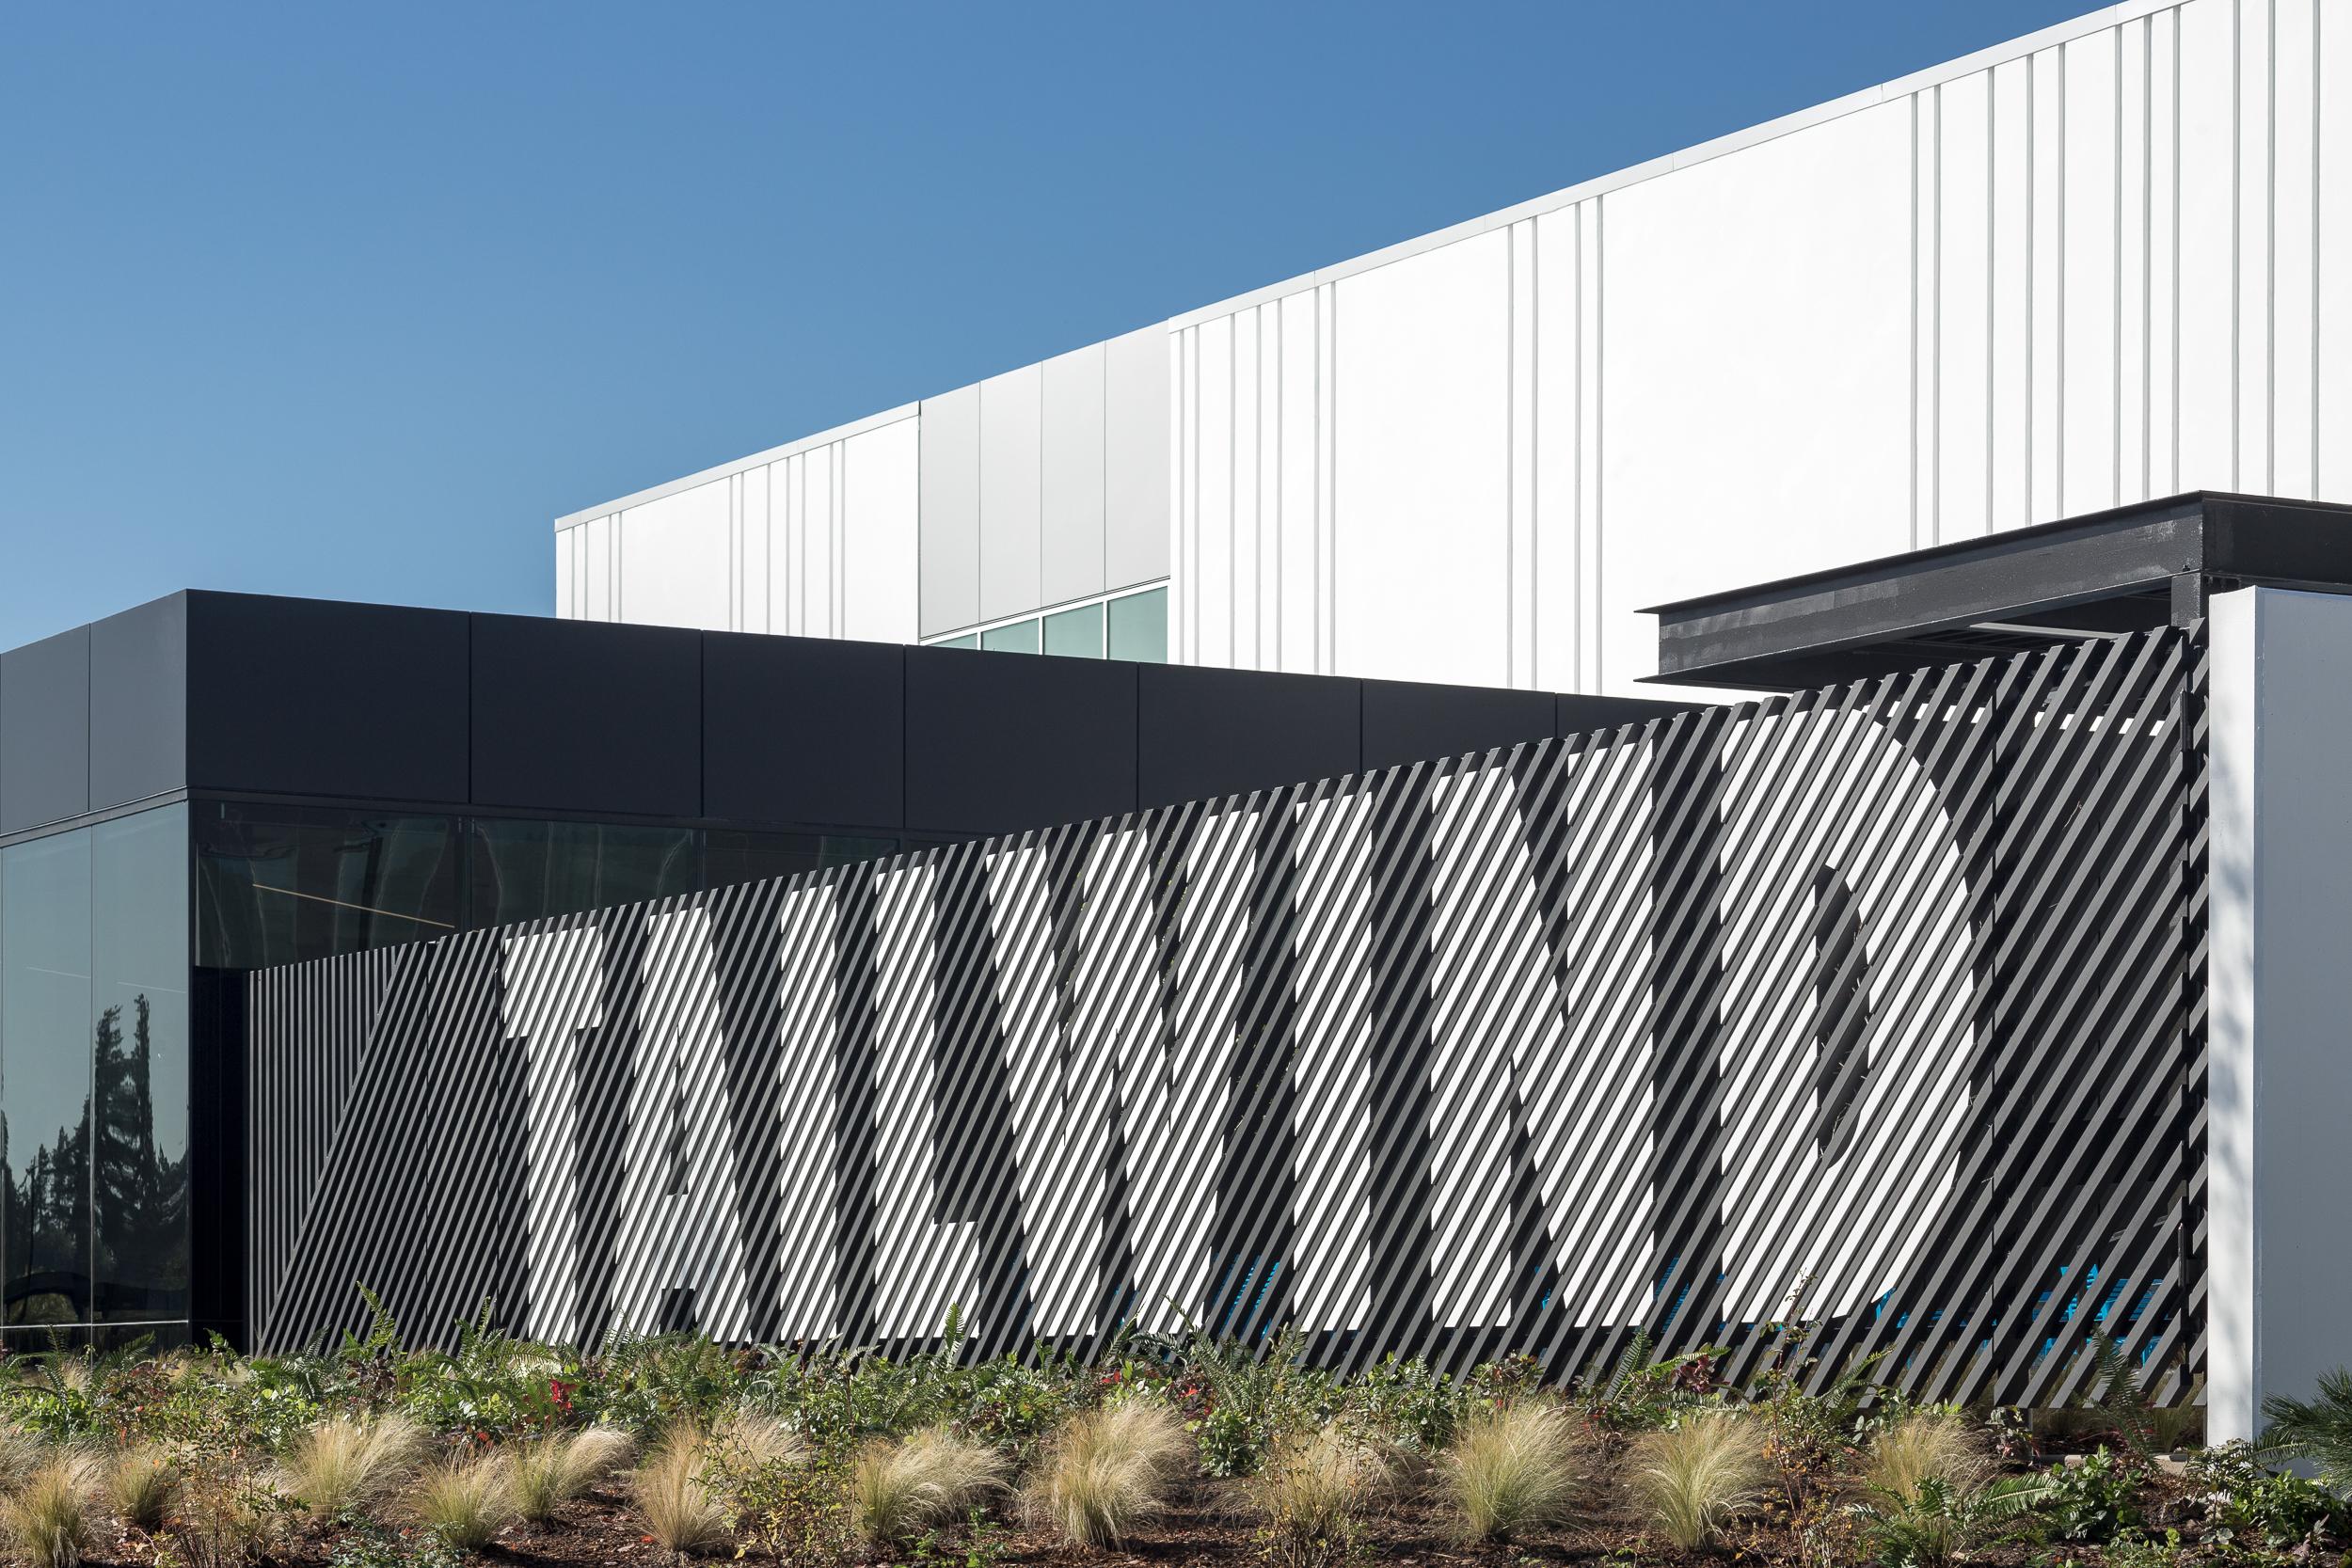 01-Tailwind-signage-JoshPartee-9431.jpg